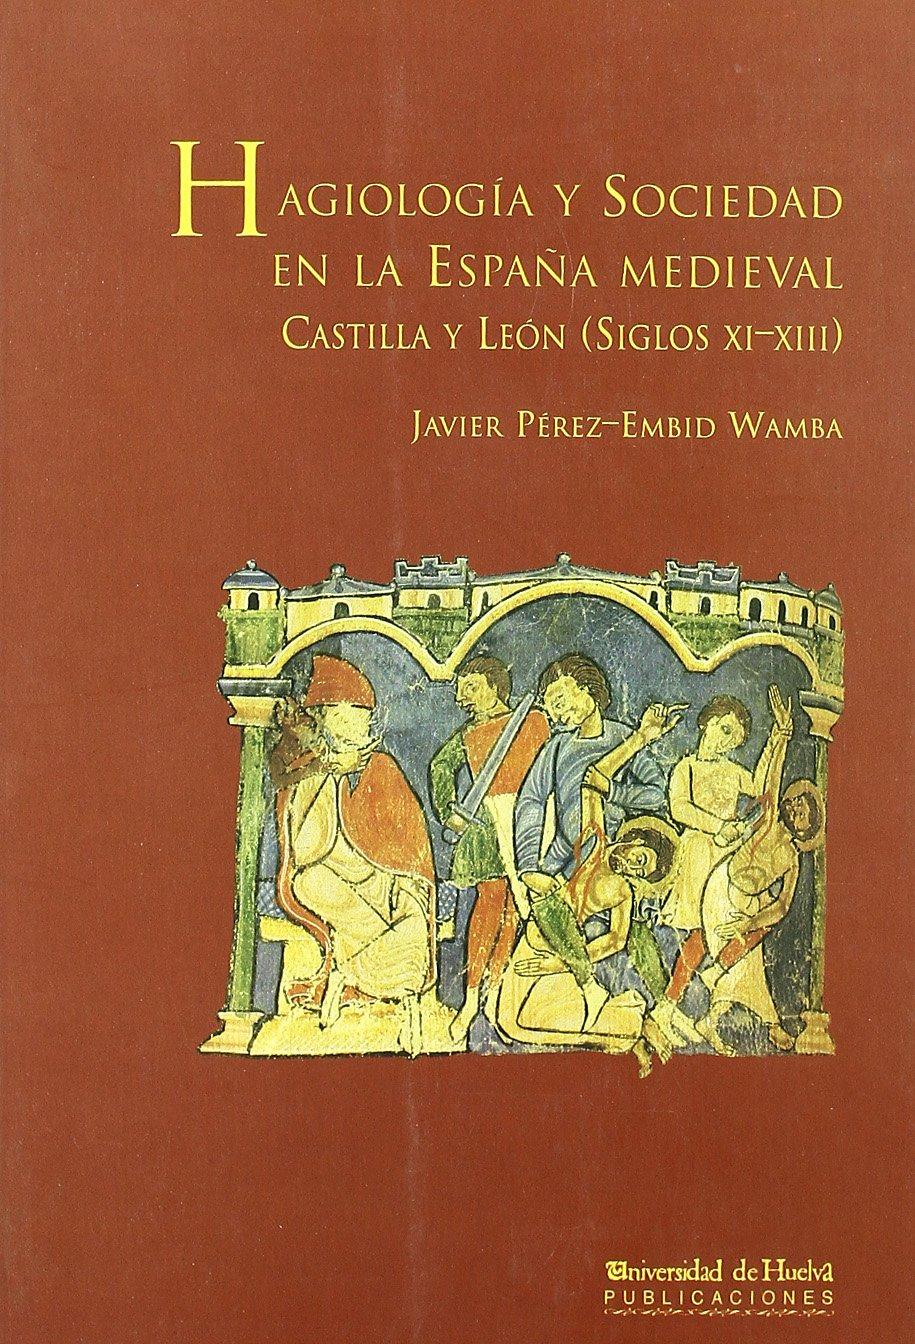 Hagiología y Sociedad en la España Medieval: Castilla y León Siglos XI-XIII Arias montano: Amazon.es: Pérez Embid-Wamba, Javier: Libros